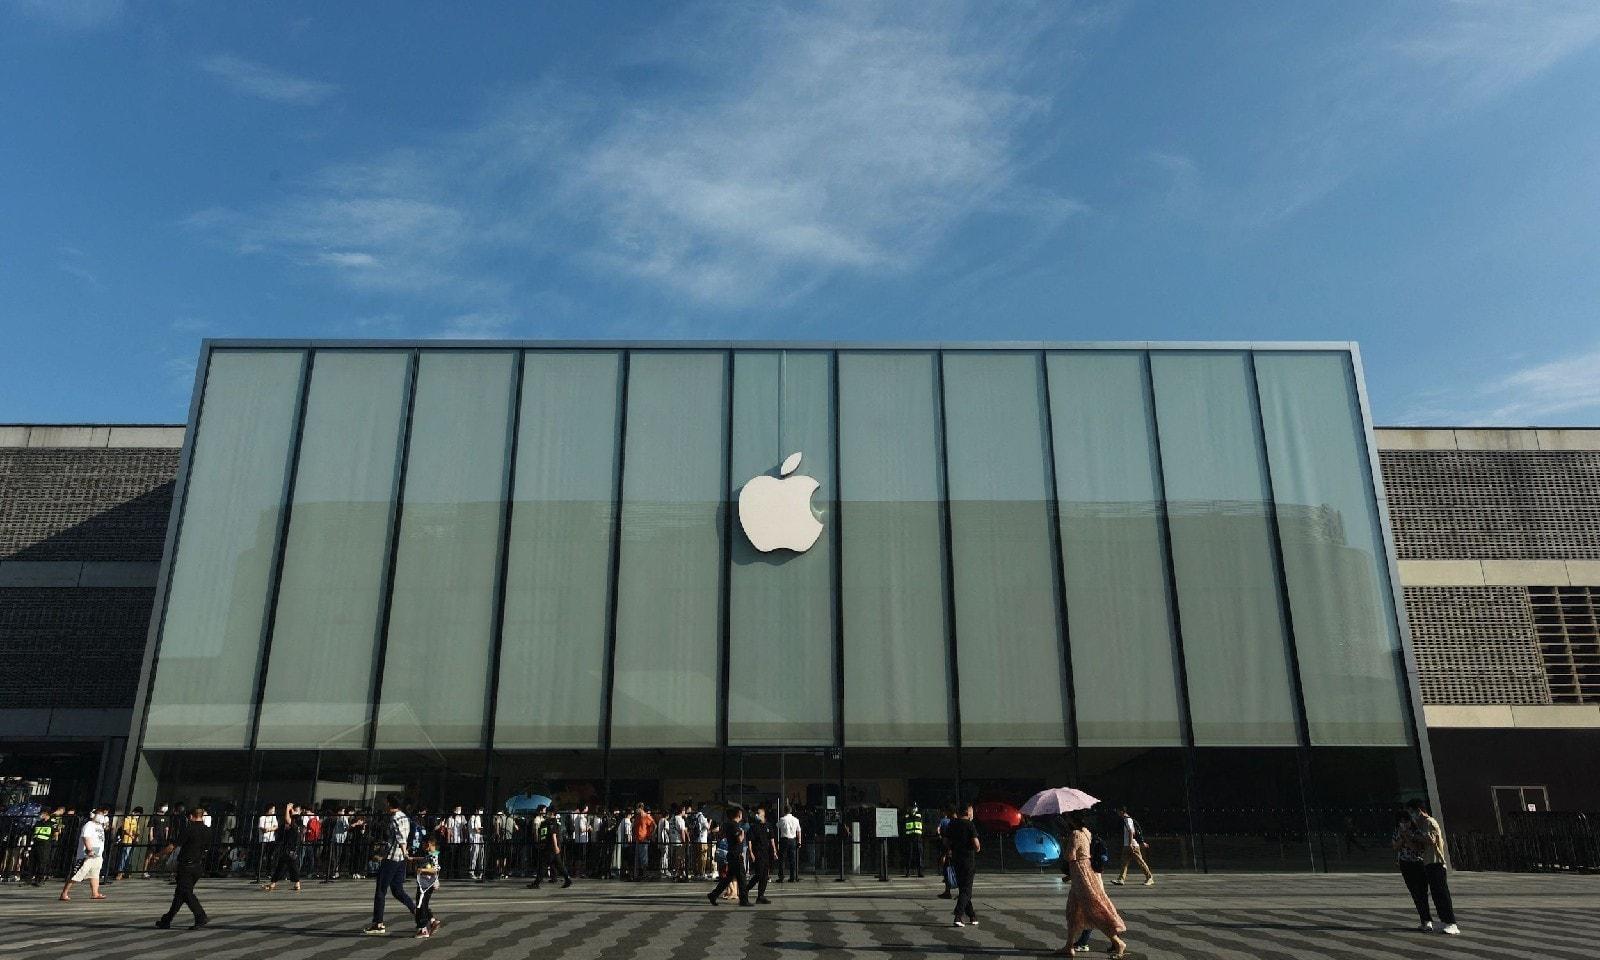 ہوانگزو میں ایپل اسٹور کے باہر رش، اے ایف پی فوٹو